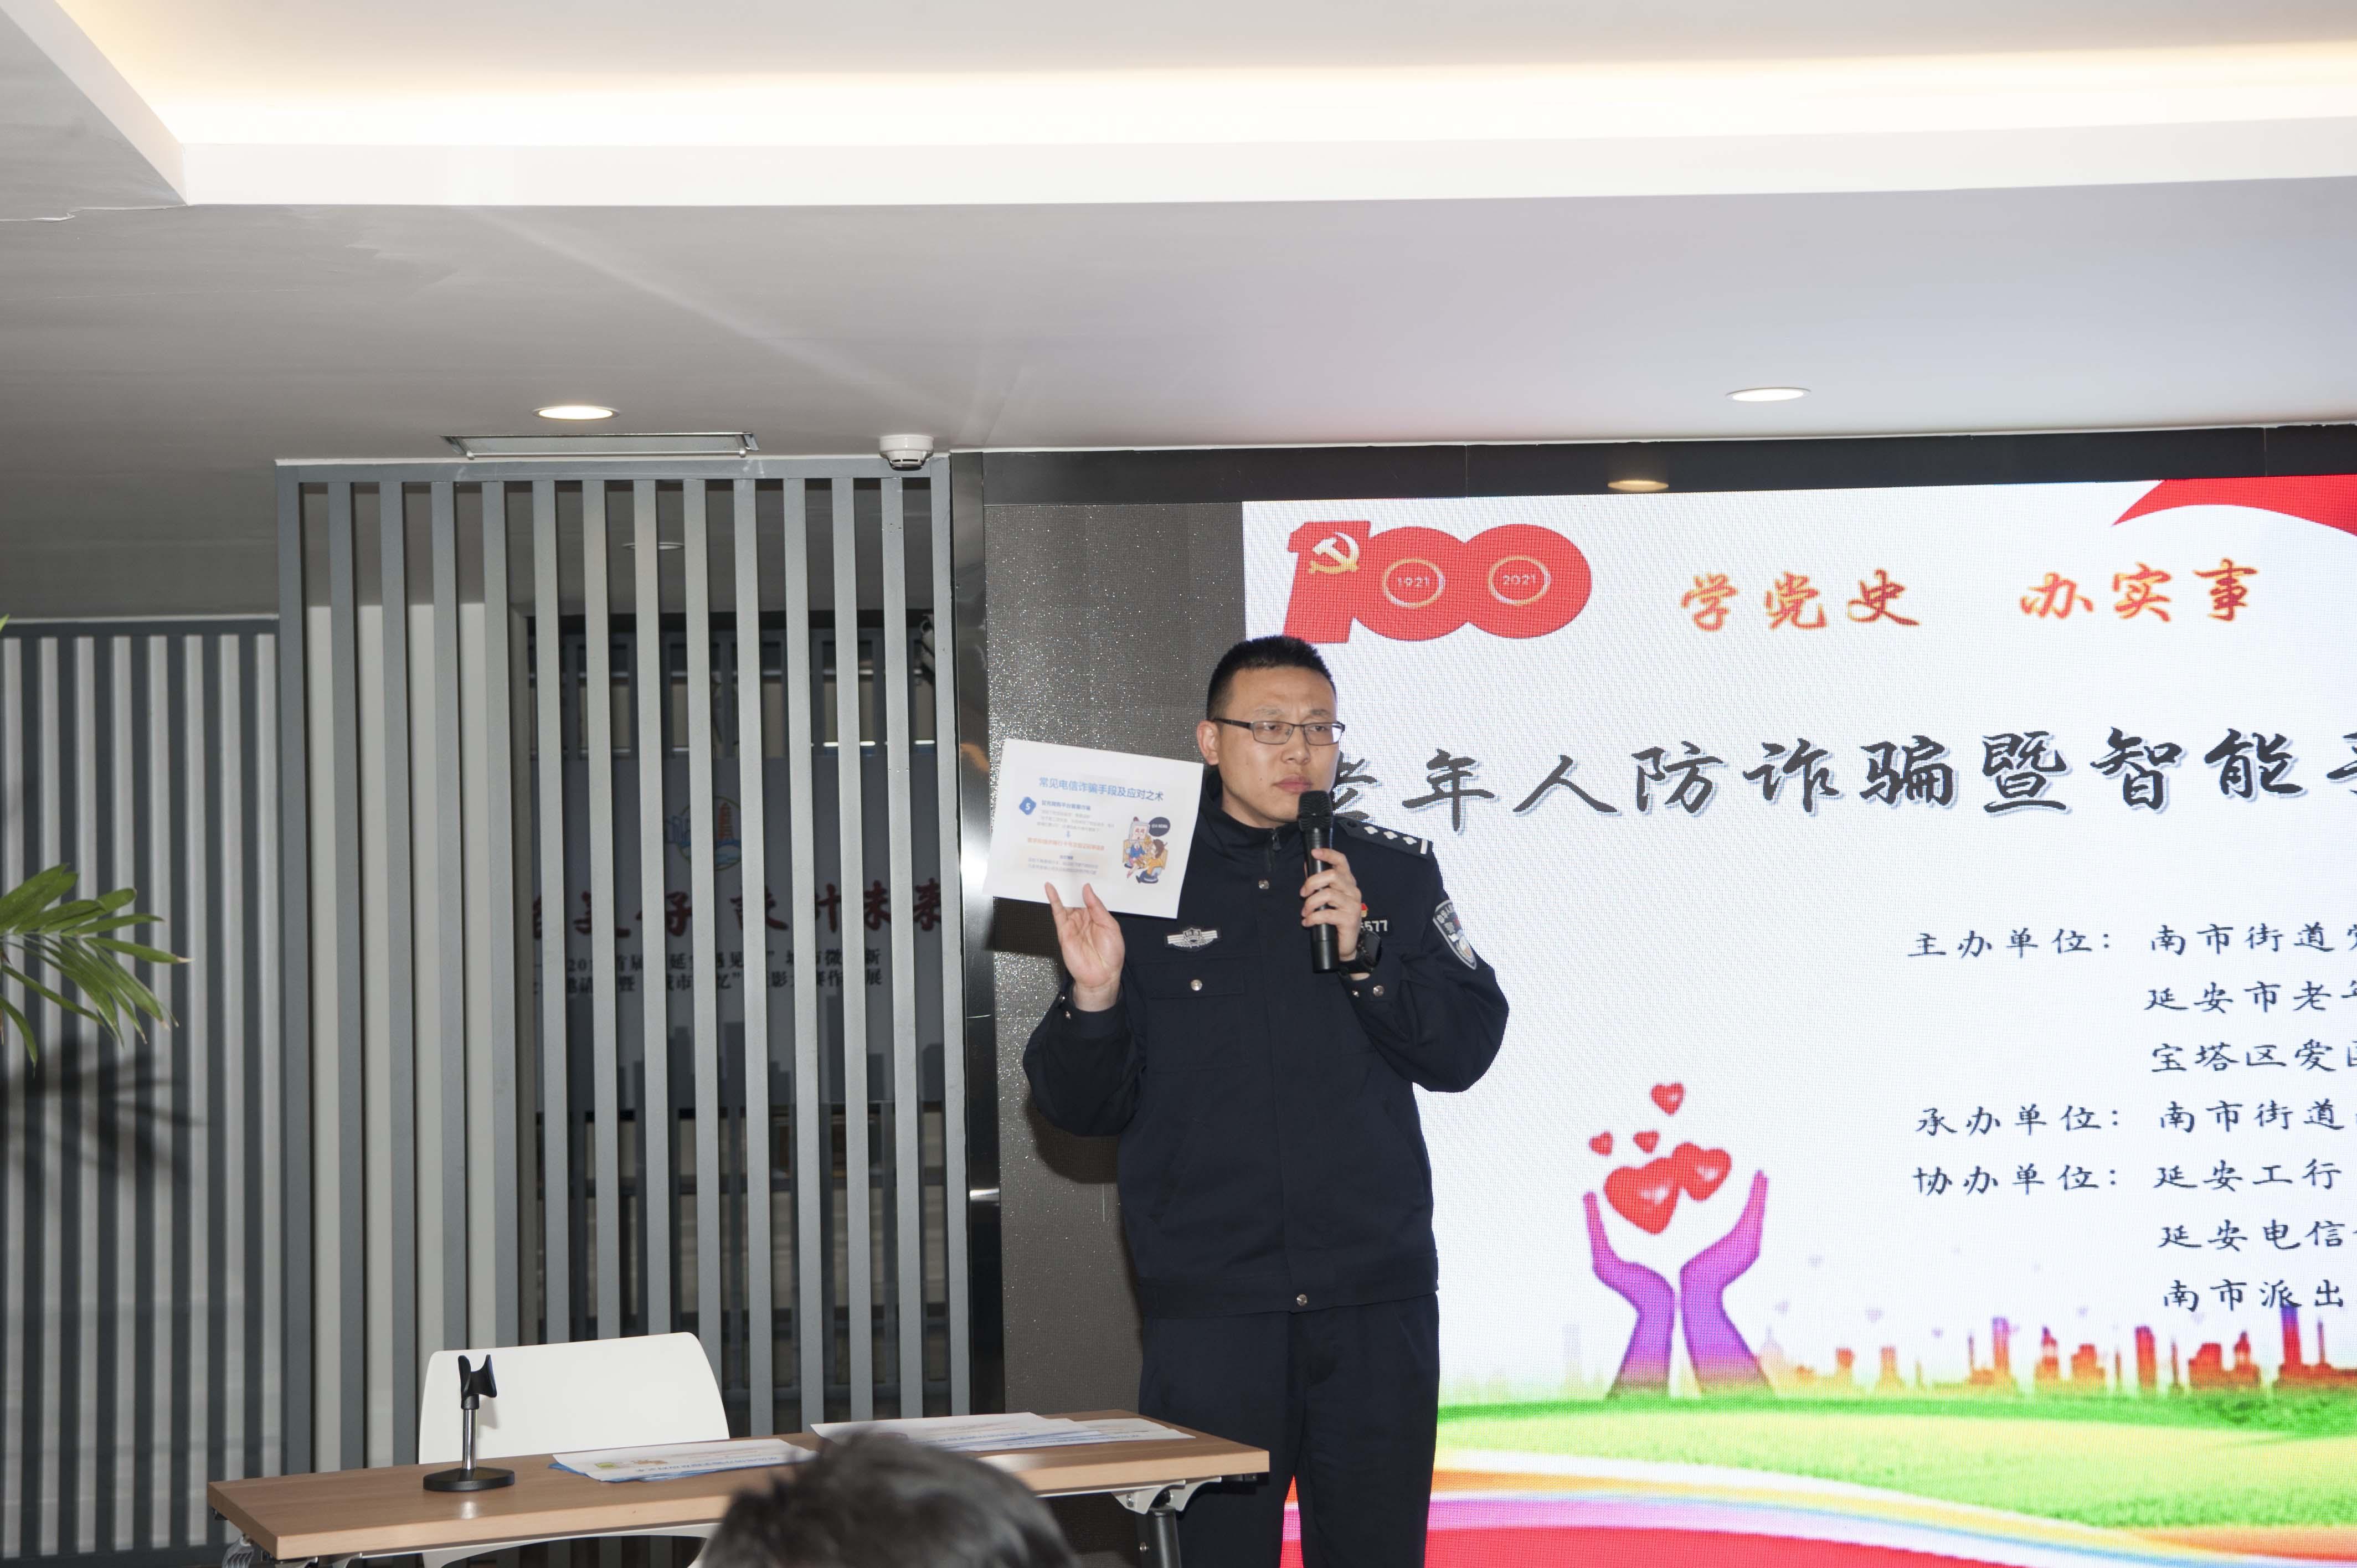 李鹏鹏为老年人讲授防电信诈骗知识.jpg